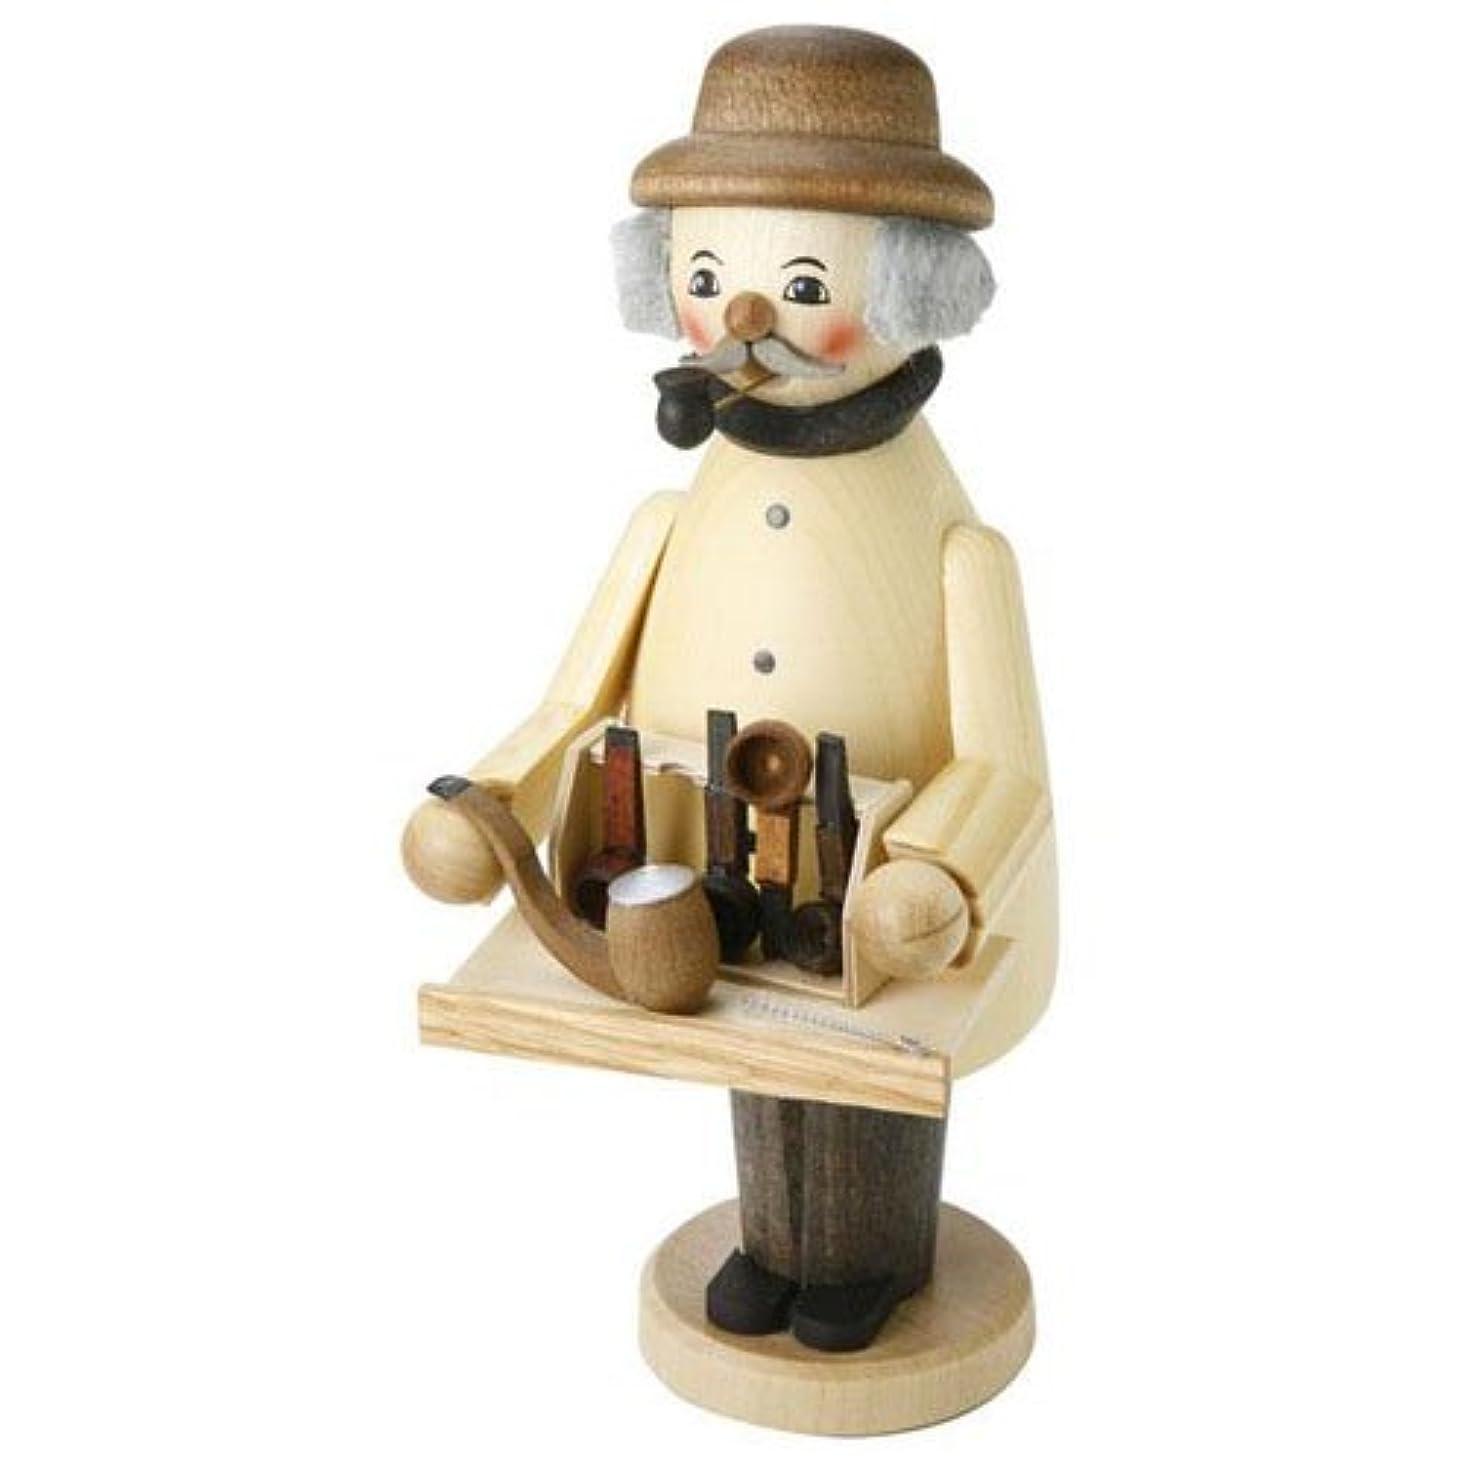 衛星ストレス今まで39089 Kuhnert(クーネルト) ミニパイプ人形香炉 パイプ売り